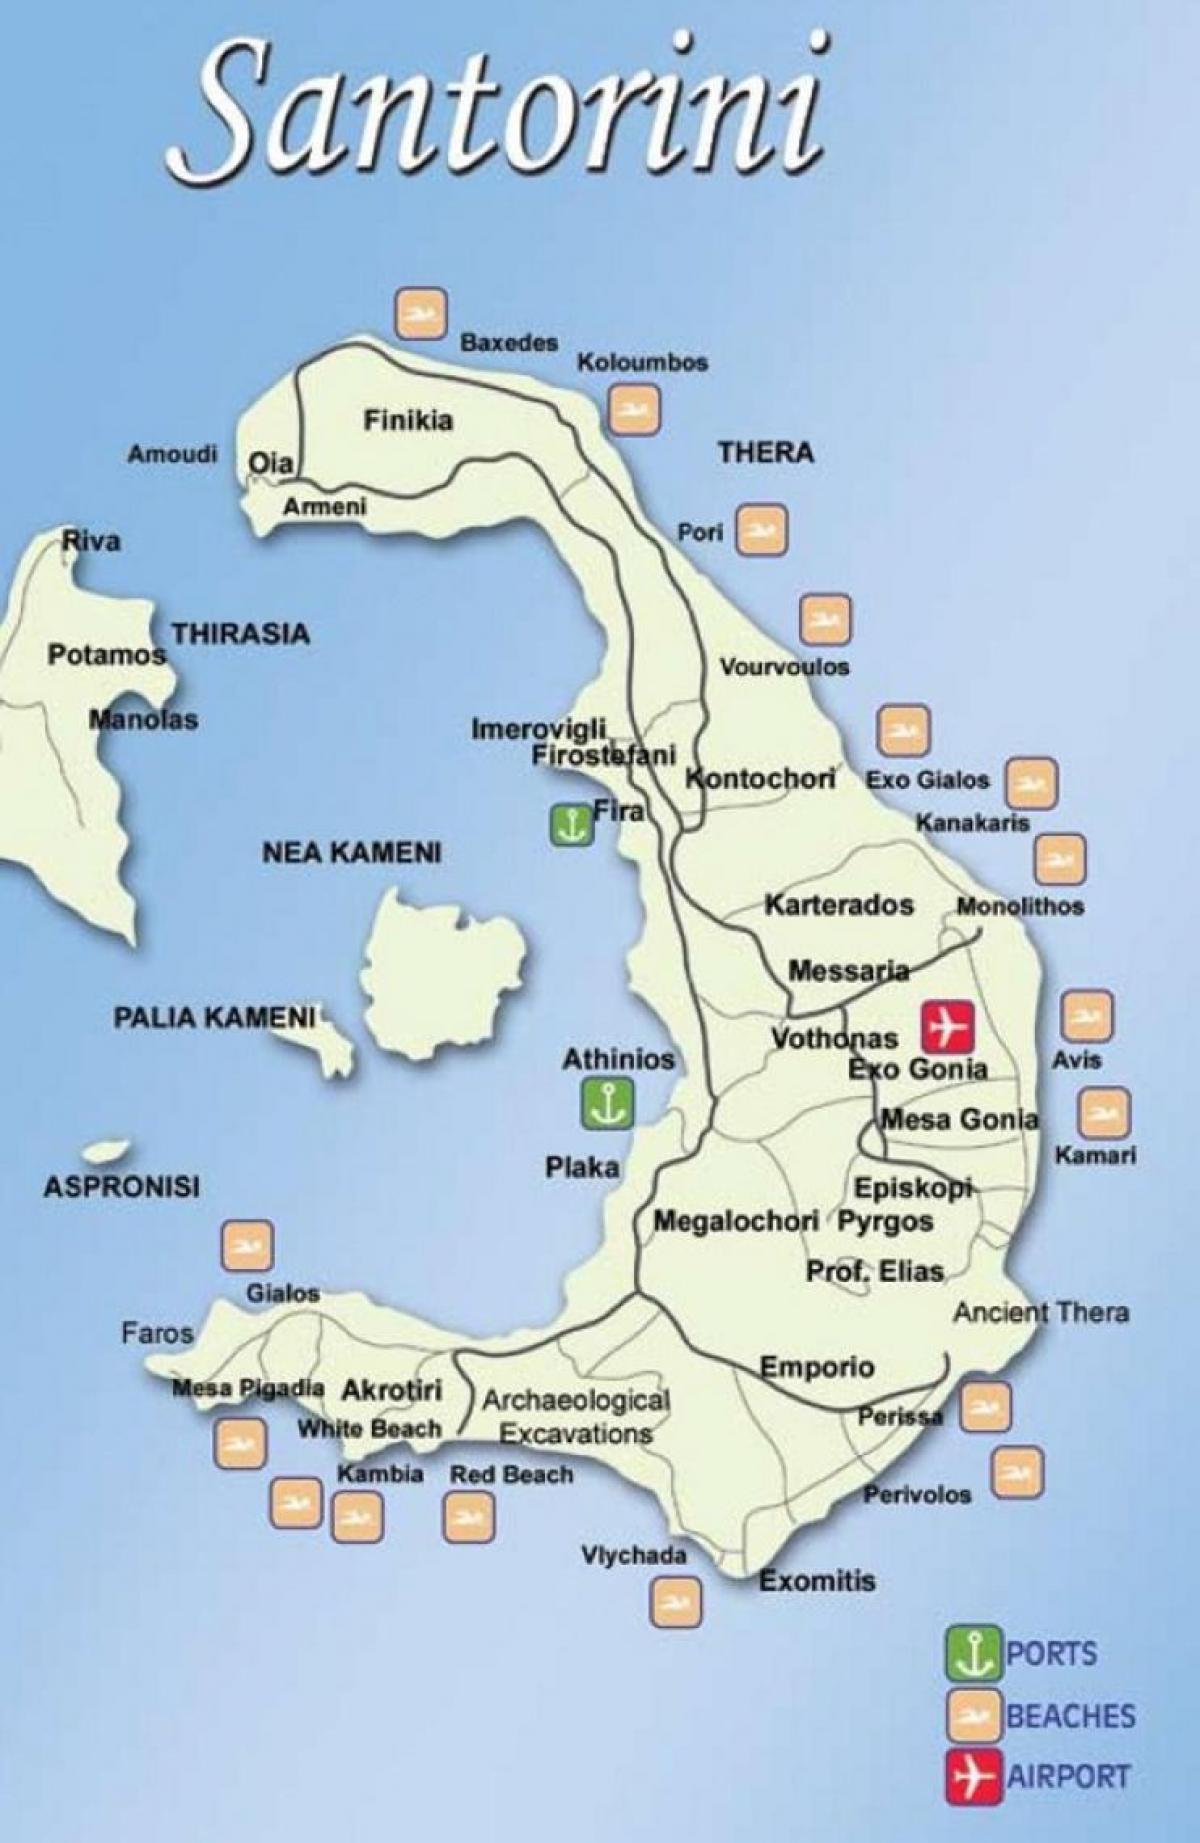 Mga Griyego Na Isla Mapa Santorini Map Ng Mga Griyego Na